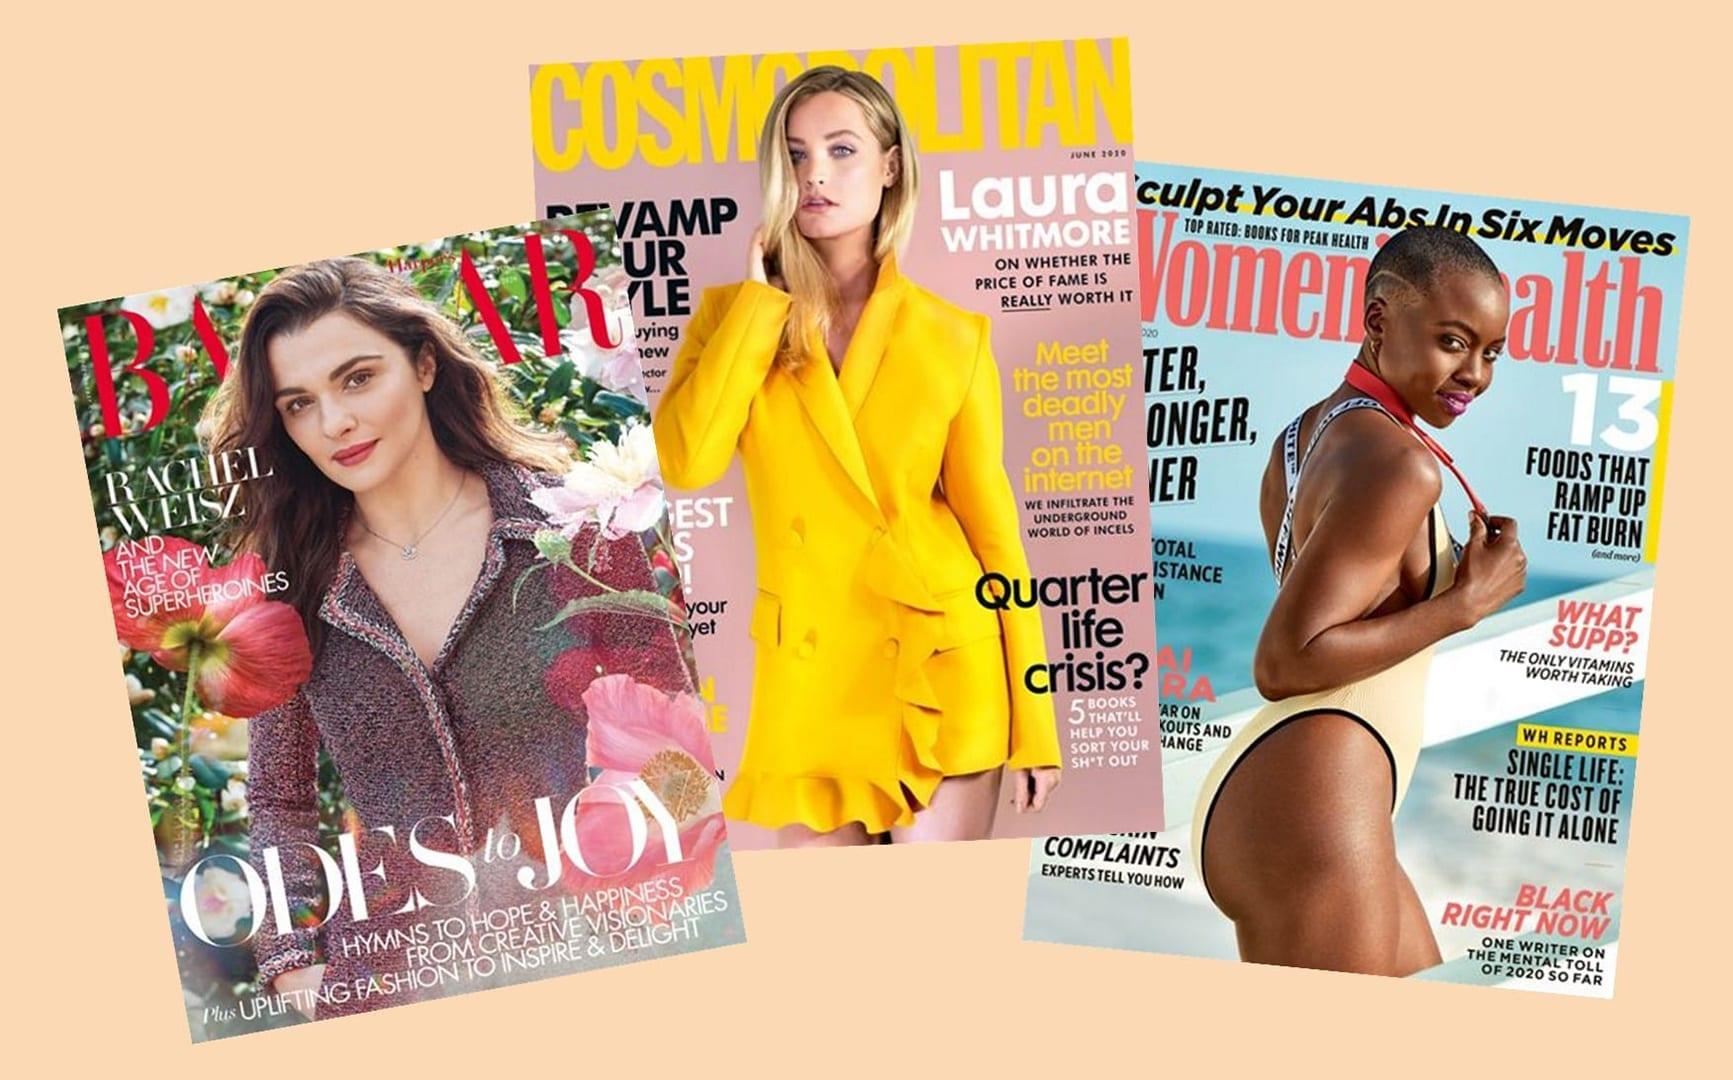 Hearst Magazines - Cosmopolitan, Bazaar